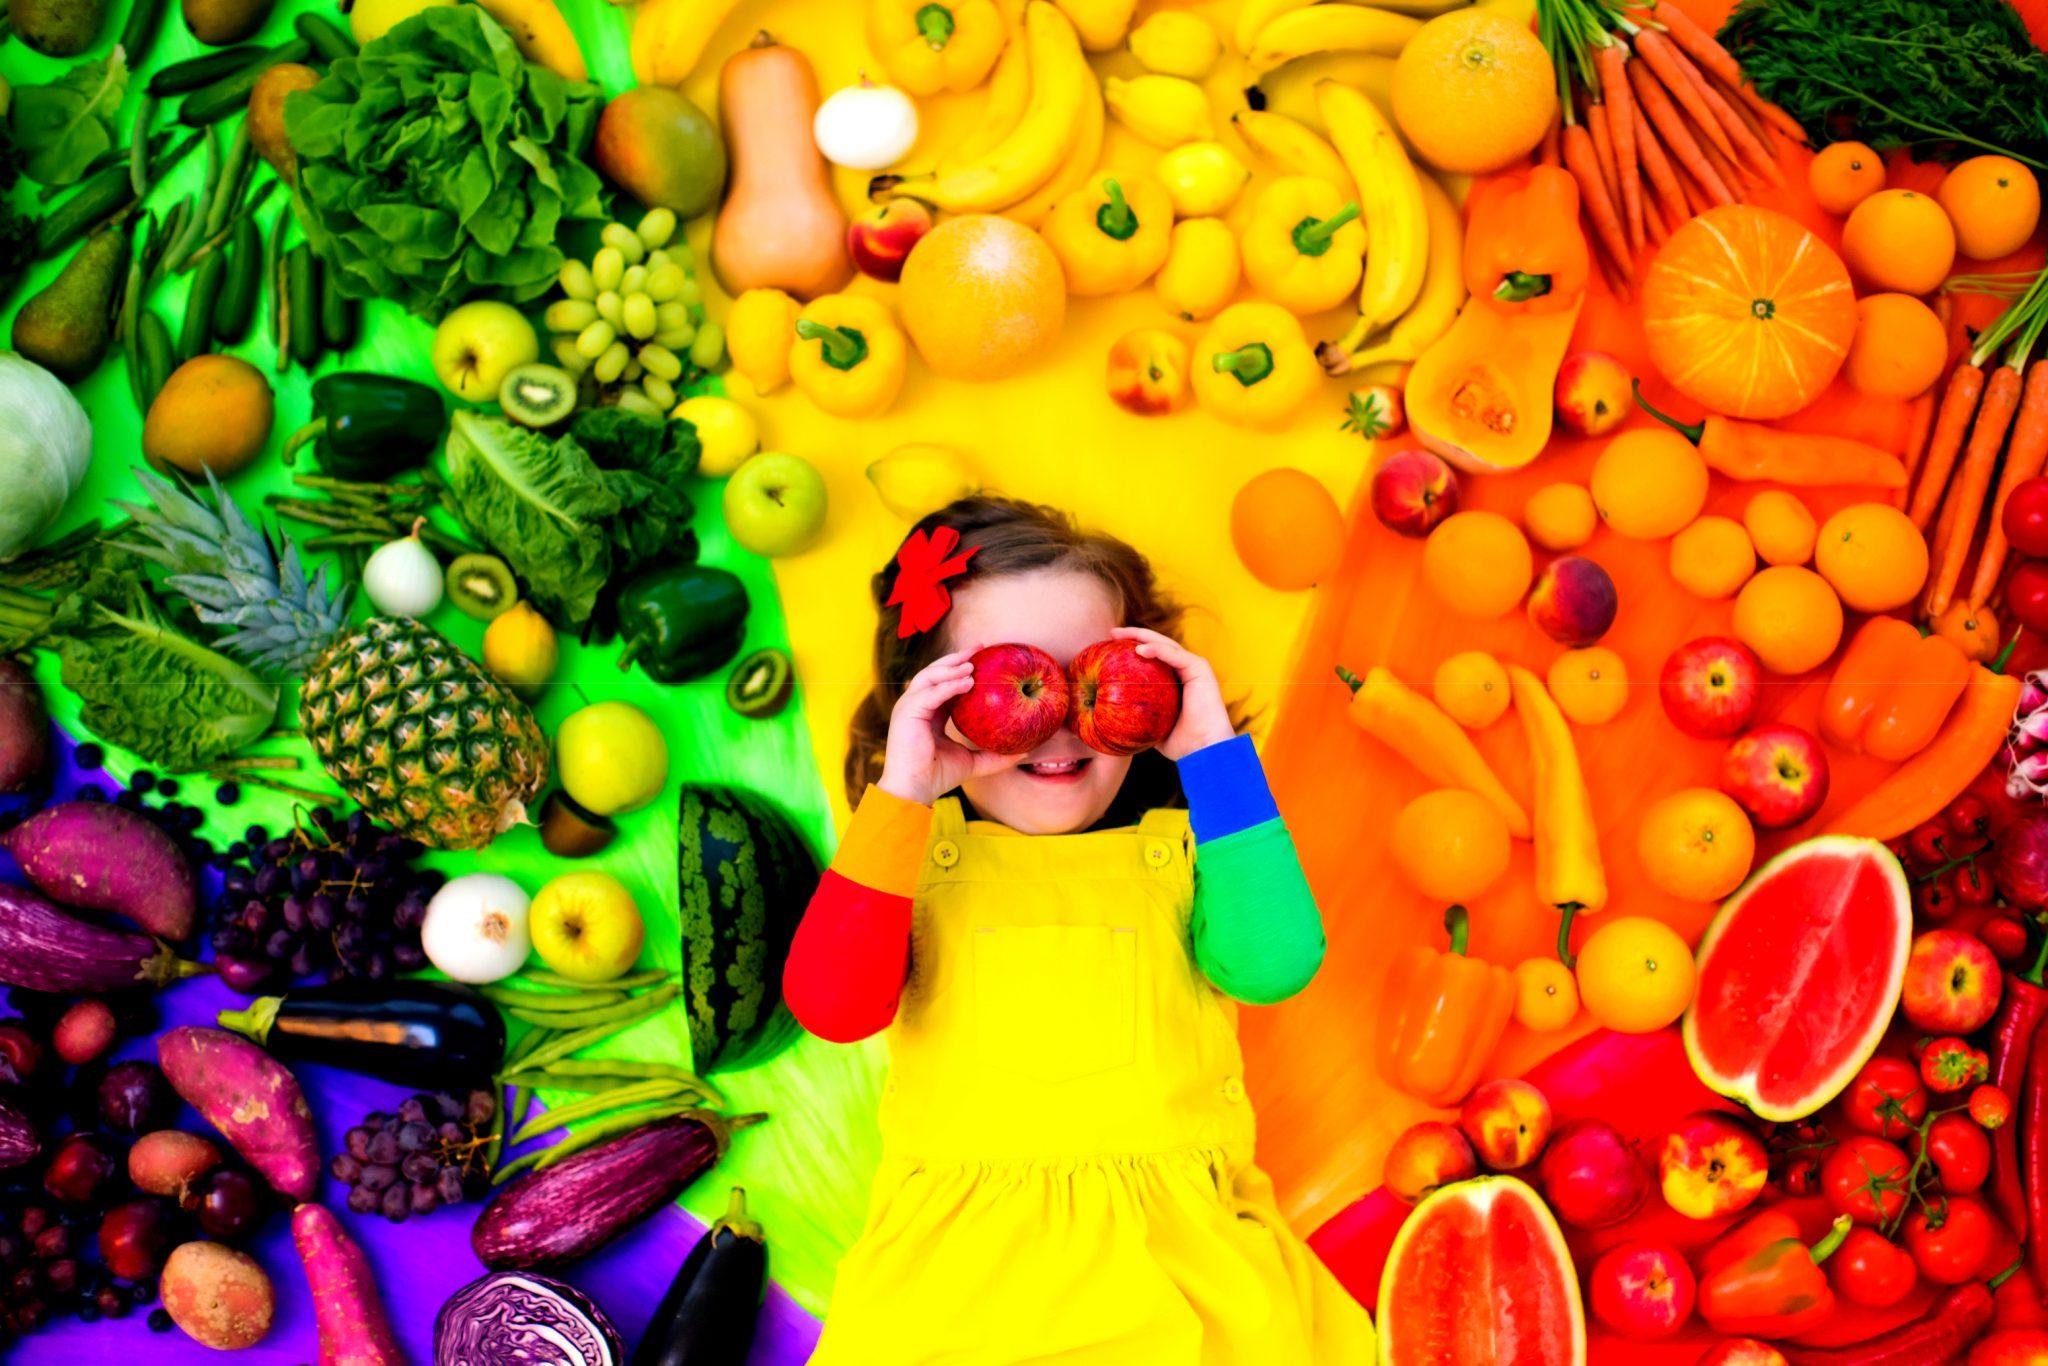 カラフルな野菜と果物に囲まれた子ども